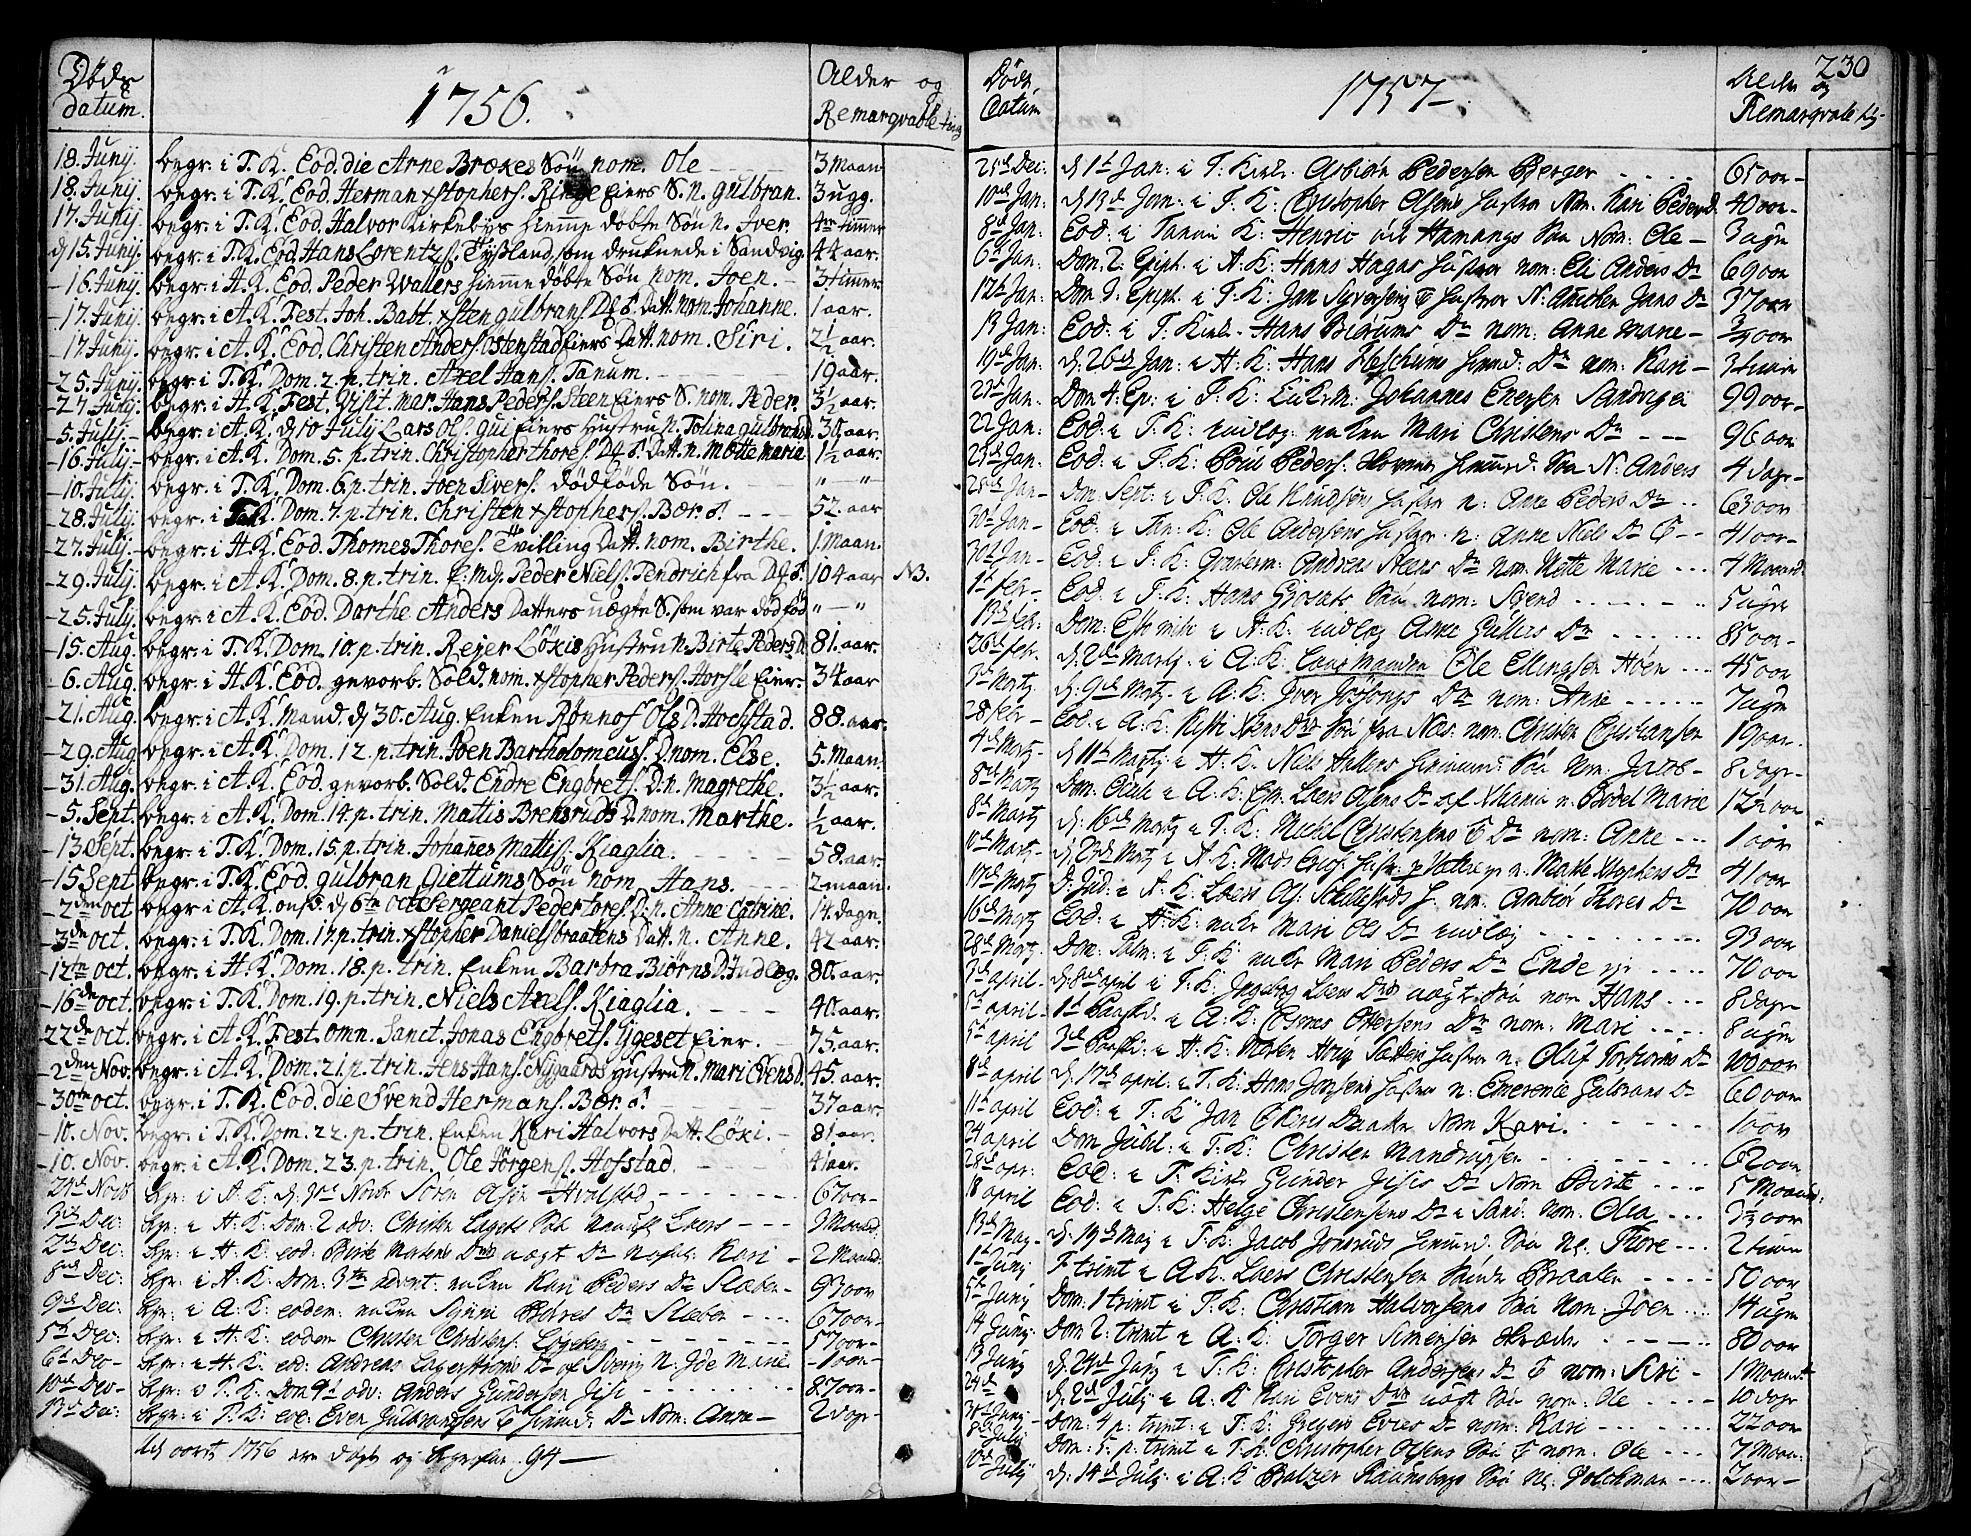 SAO, Asker prestekontor Kirkebøker, F/Fa/L0002: Ministerialbok nr. I 2, 1733-1766, s. 230